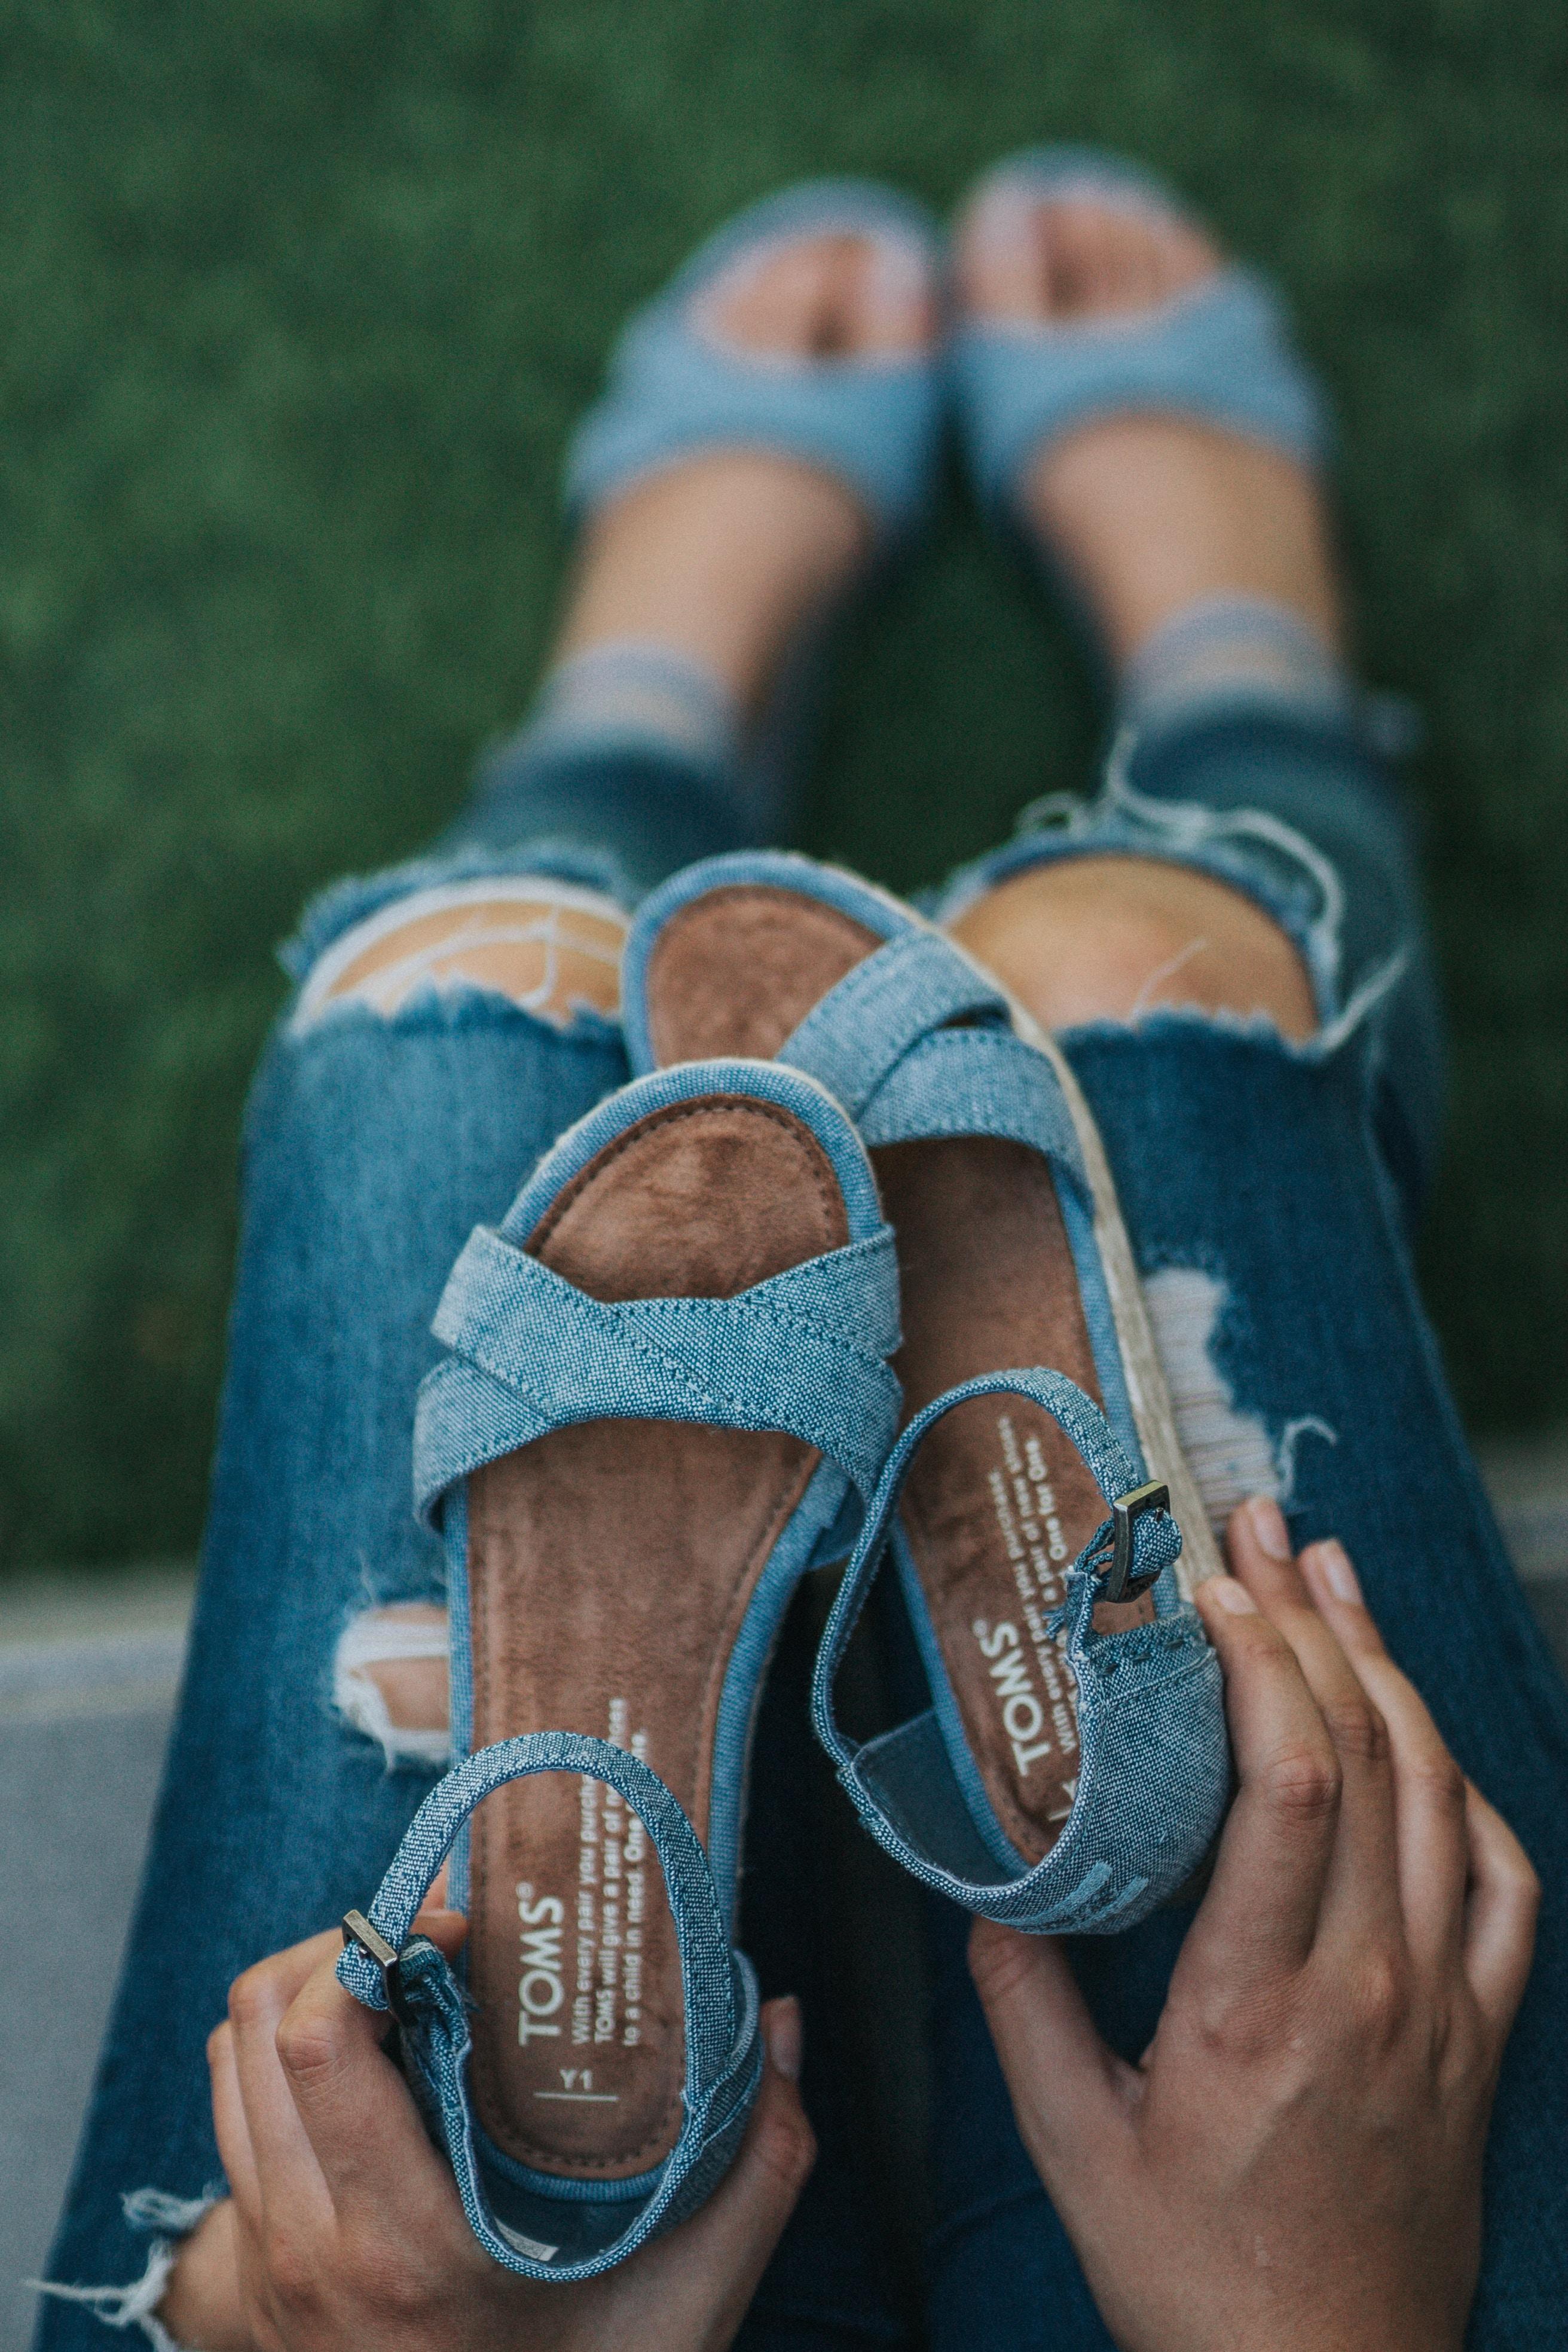 Køb alt fra flotte Billi Bi sandaler til flade sandaler